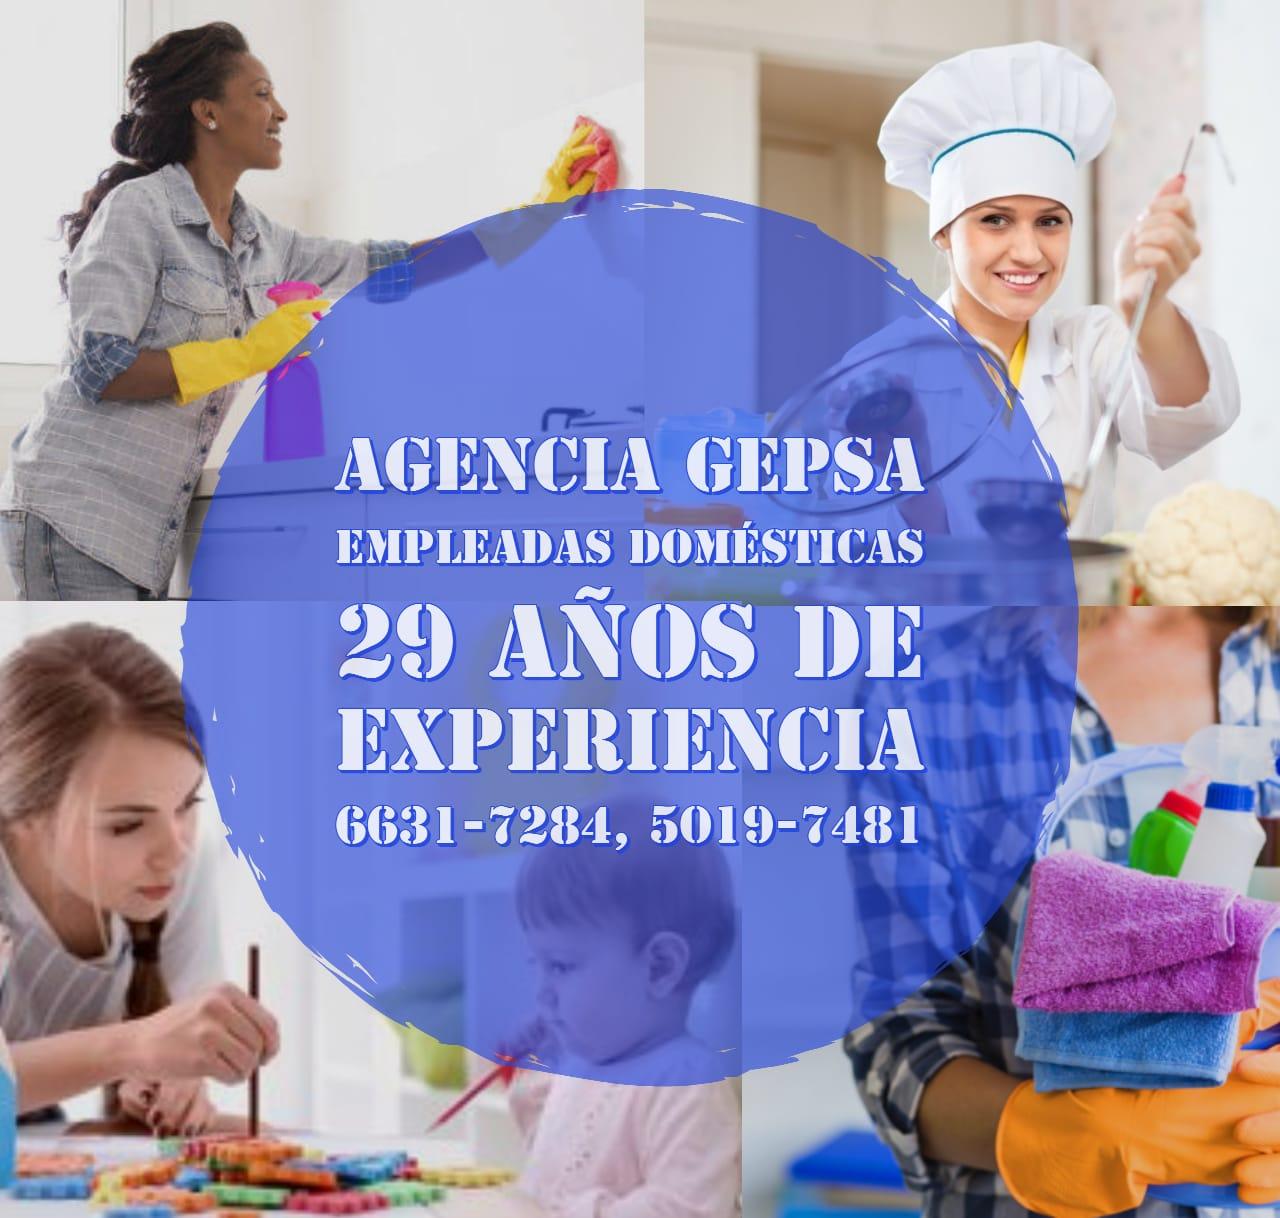 Agencia de Servicio Doméstico GEPSA